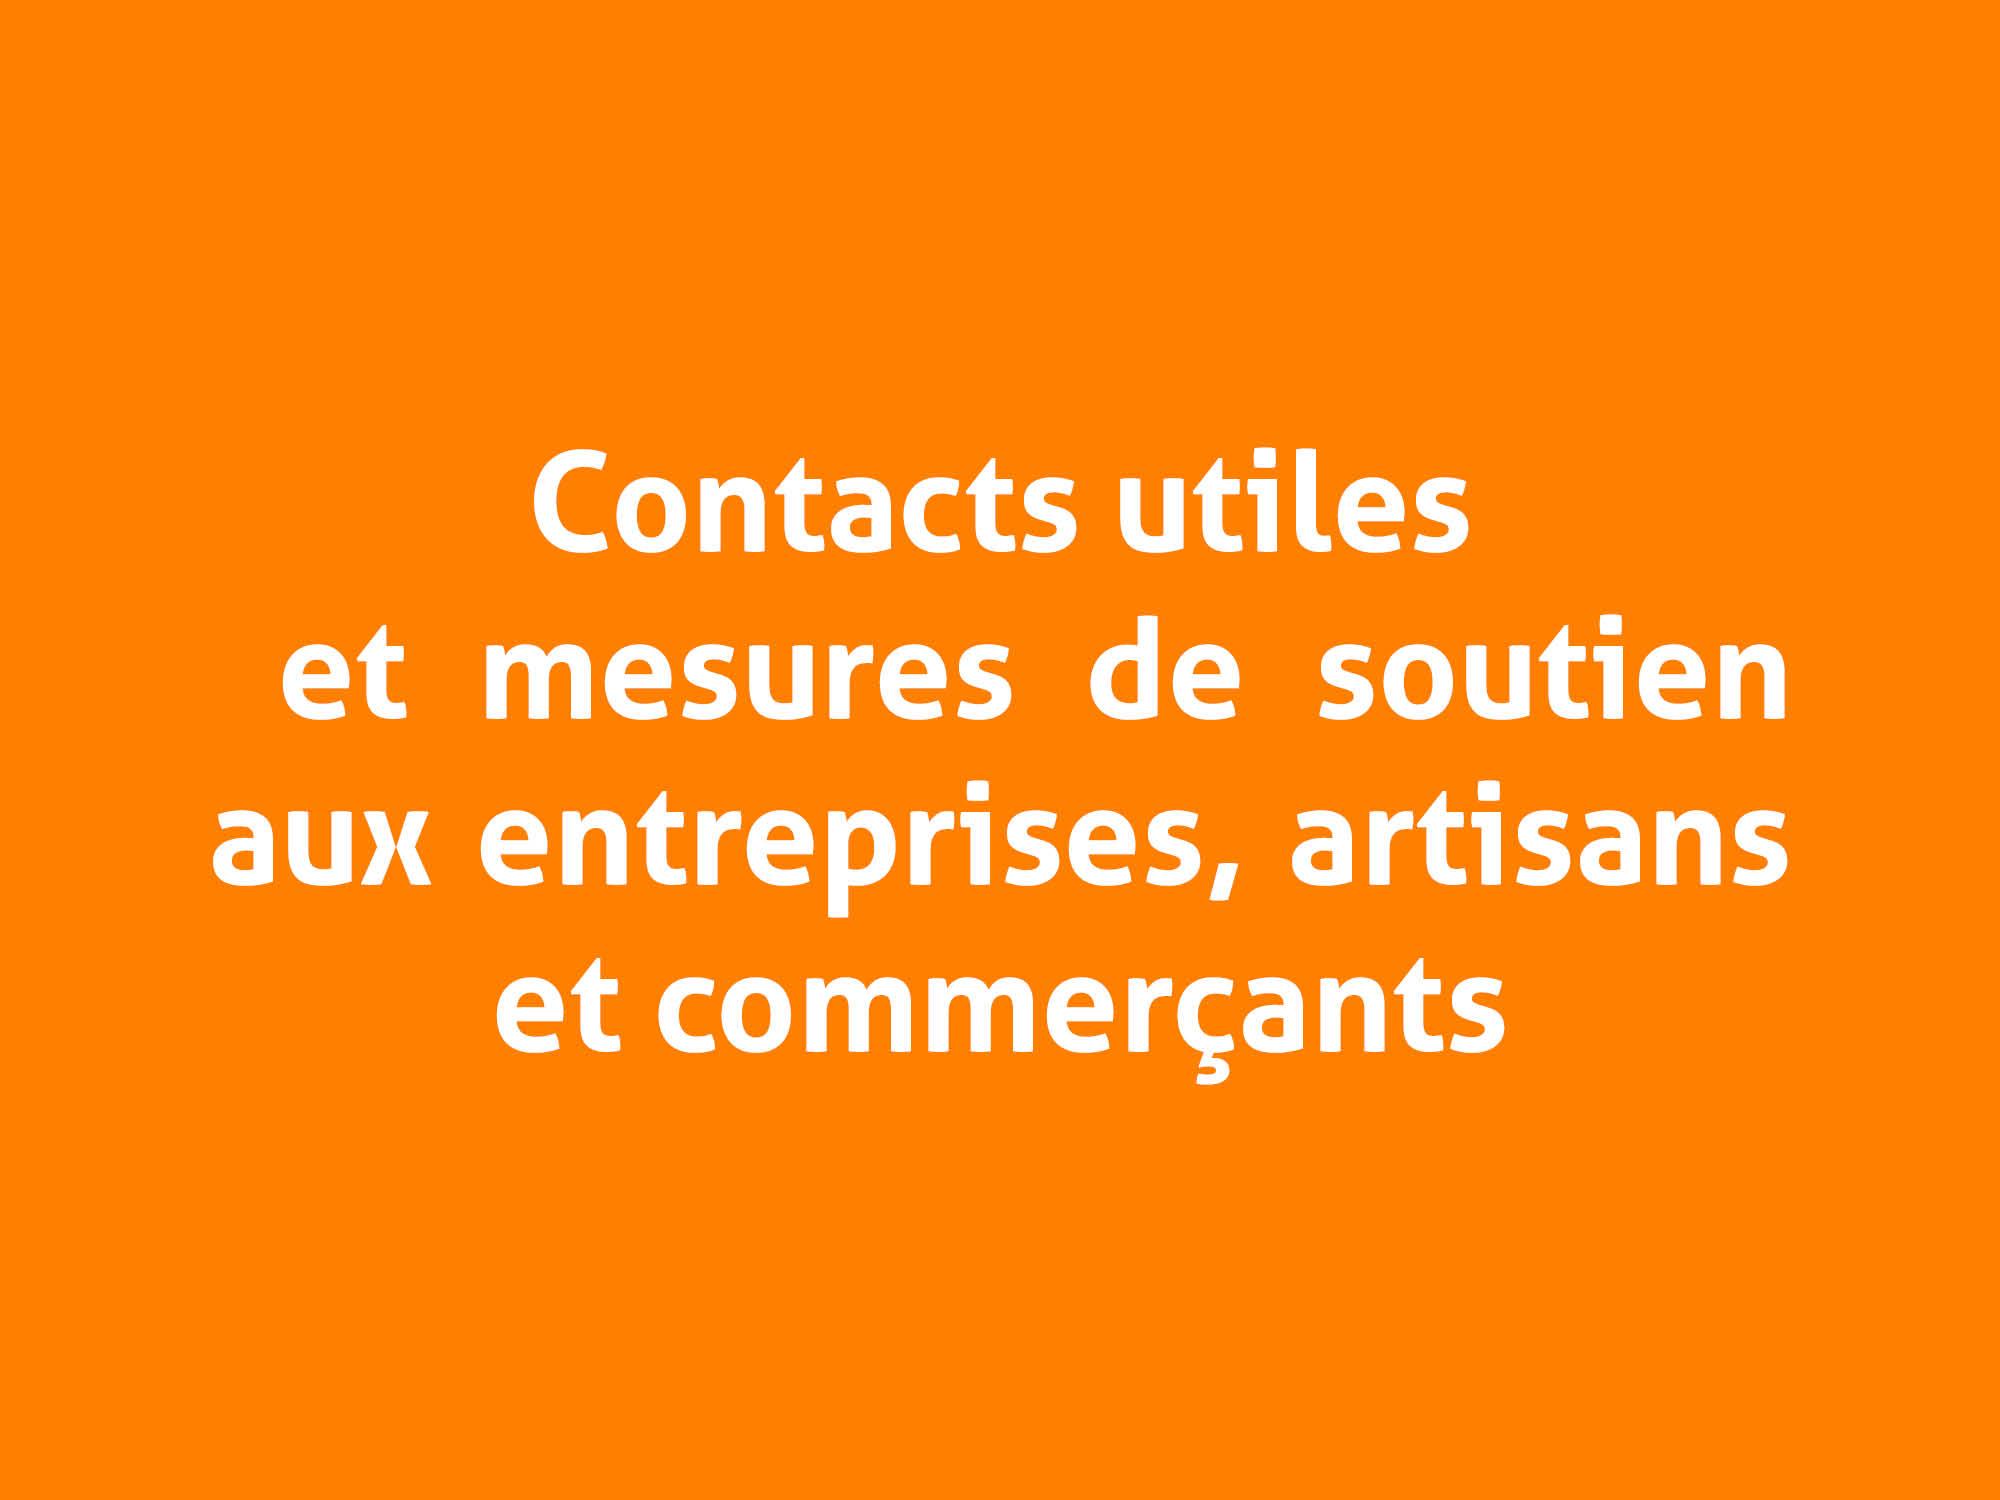 contacts utiles et mesures de soutien entreprise artisans et commerçants